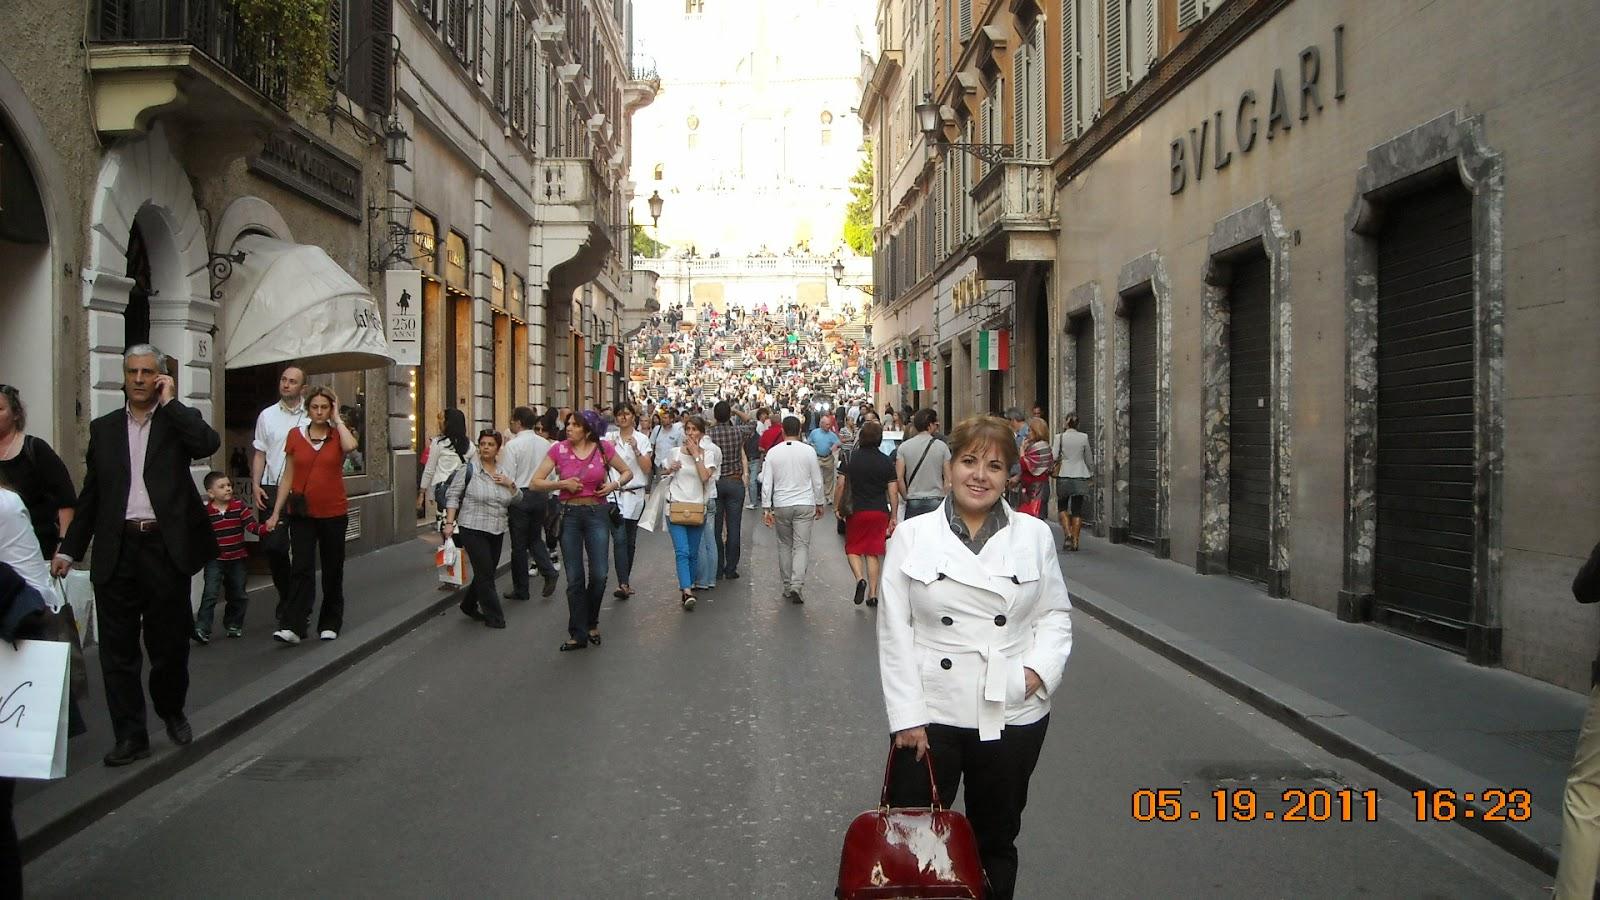 Passione per il viaggio o que vestir na primavera em for Ca roma volta mantovana